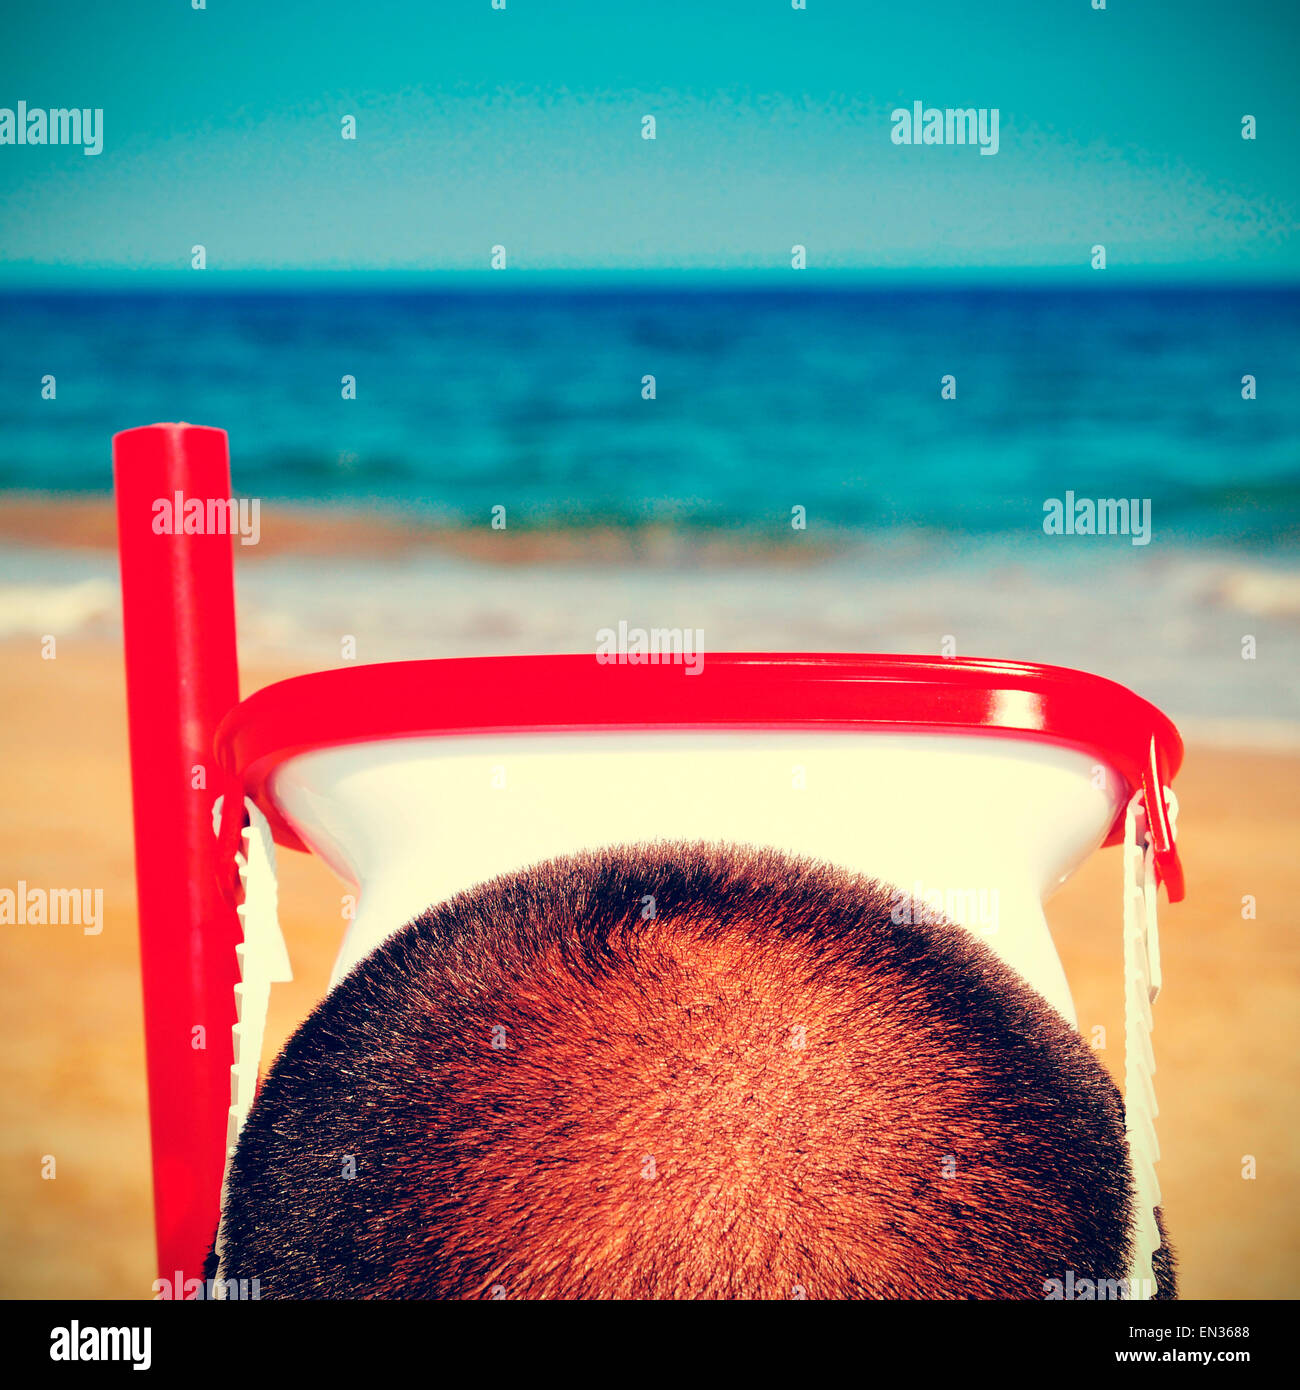 Bild von der Rückseite eines Mannes trägt eine Taucherbrille und einen Schnorchel, am Strand, mit einem Stockbild